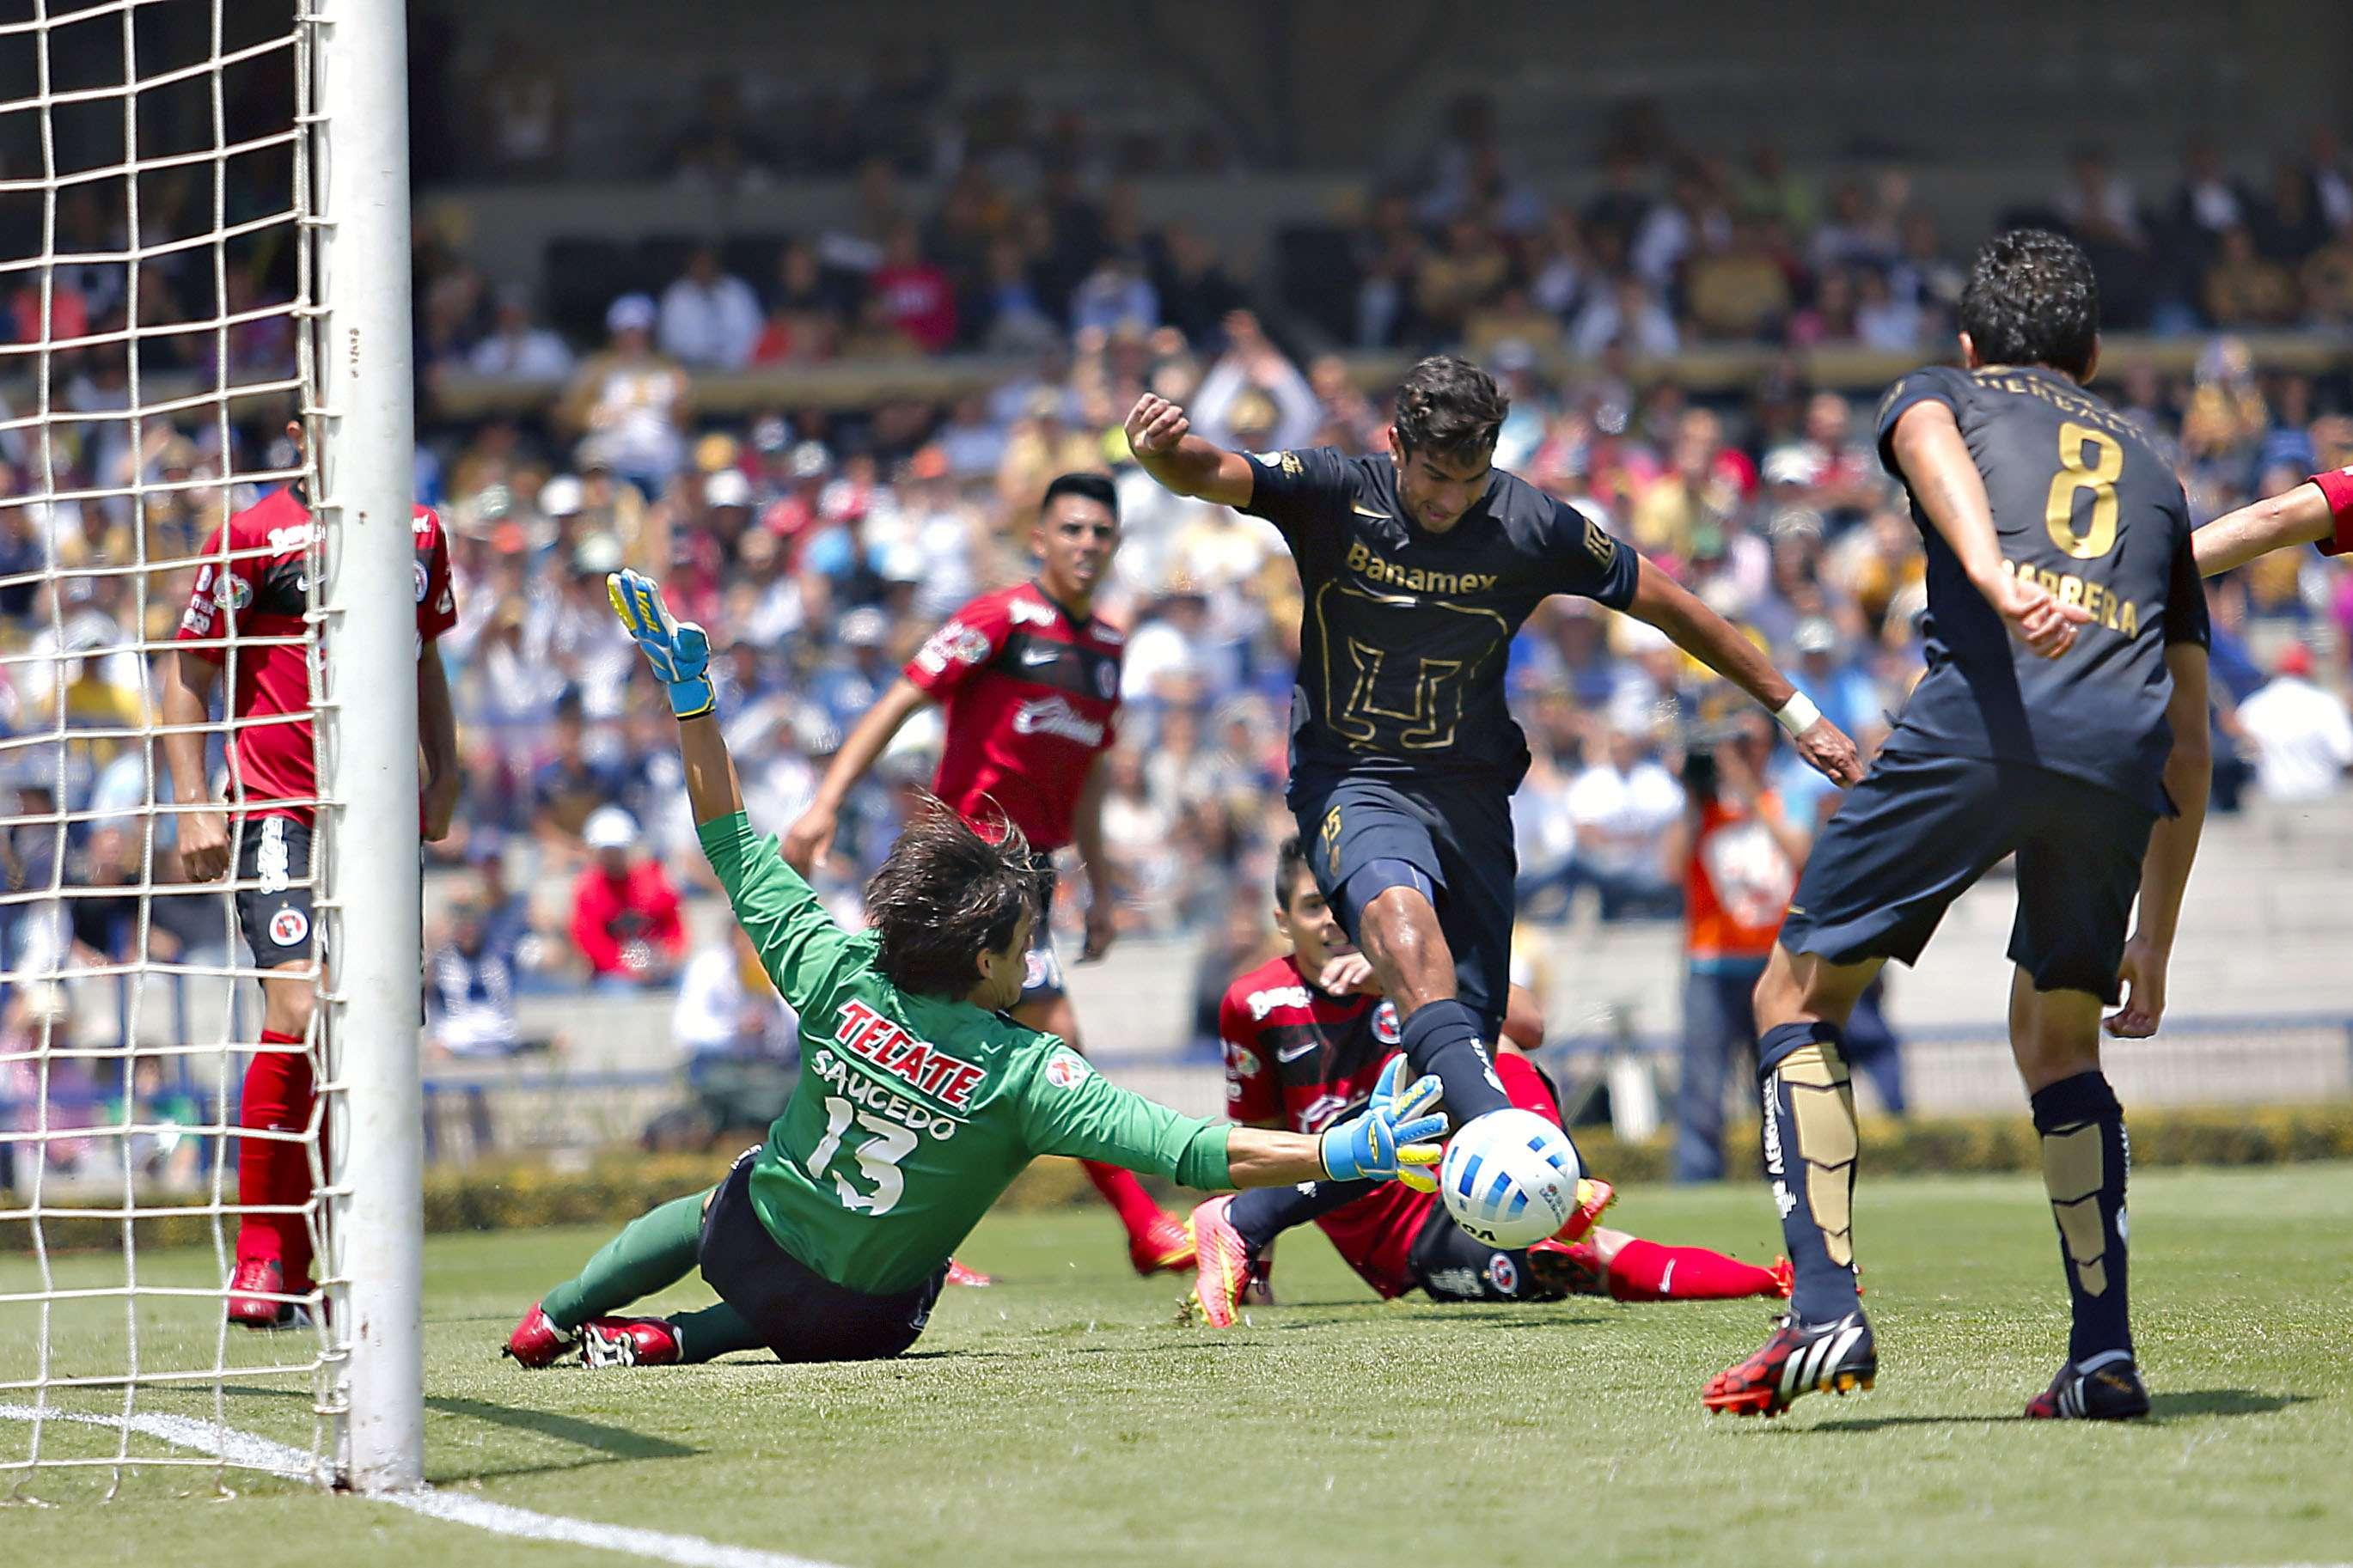 Memo Vázquez debutó al frente de Pumas, que no fue capaz de sacar los tres puntos en un gris encuentro ante Tijuana, en CU. Foto: Imago7